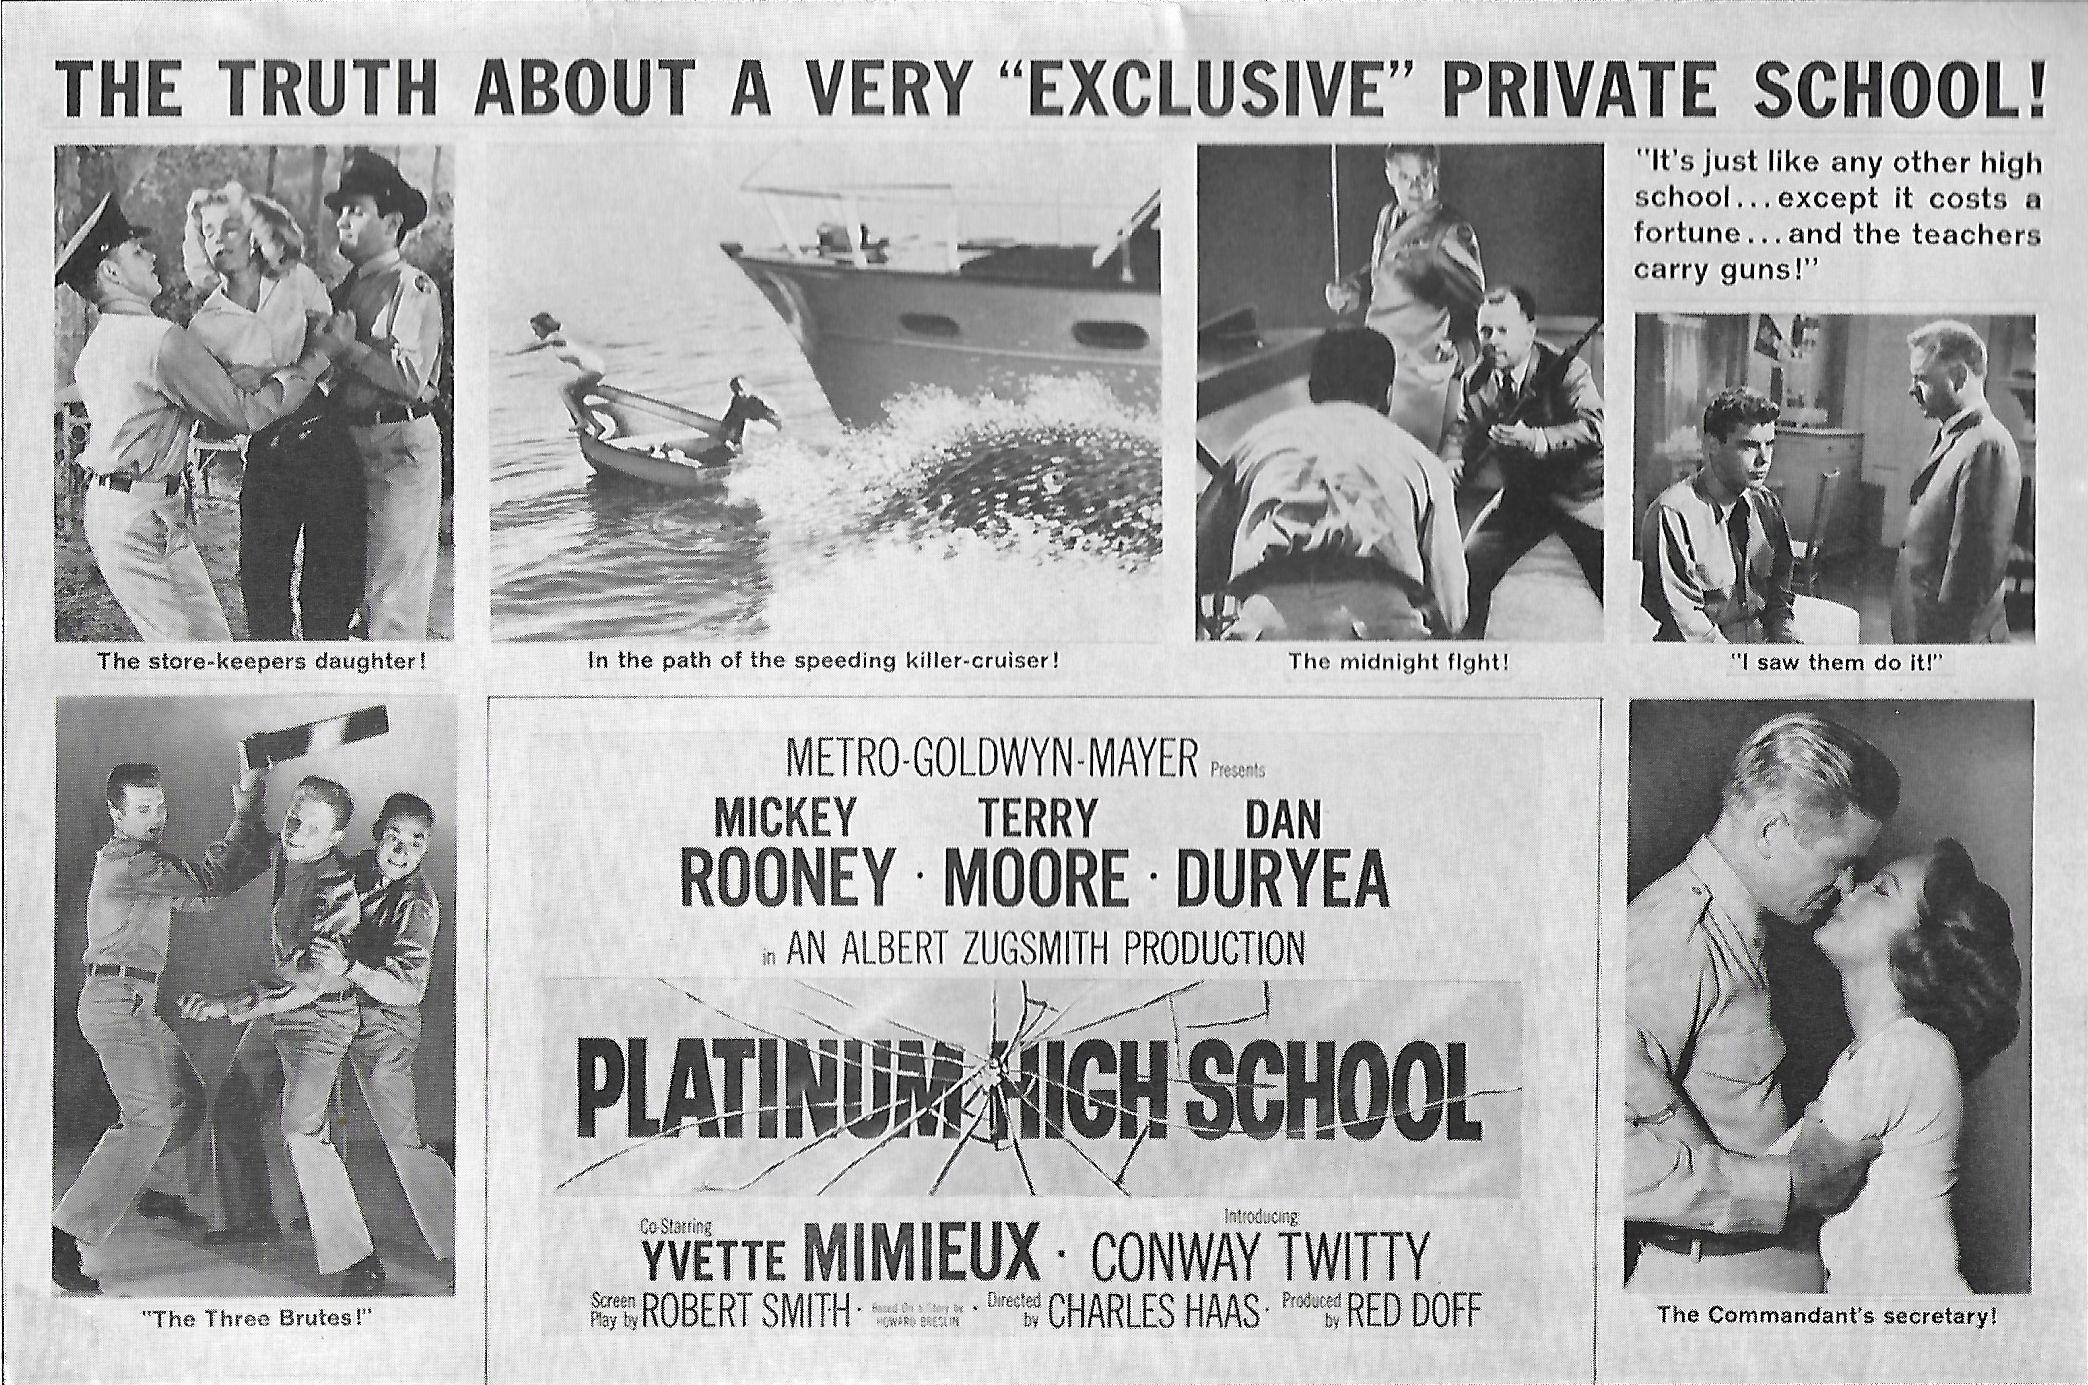 Mickey Rooney, Dan Duryea, Jimmy Boyd, Harold Lloyd Jr., and Conway Twitty in Platinum High School (1960)